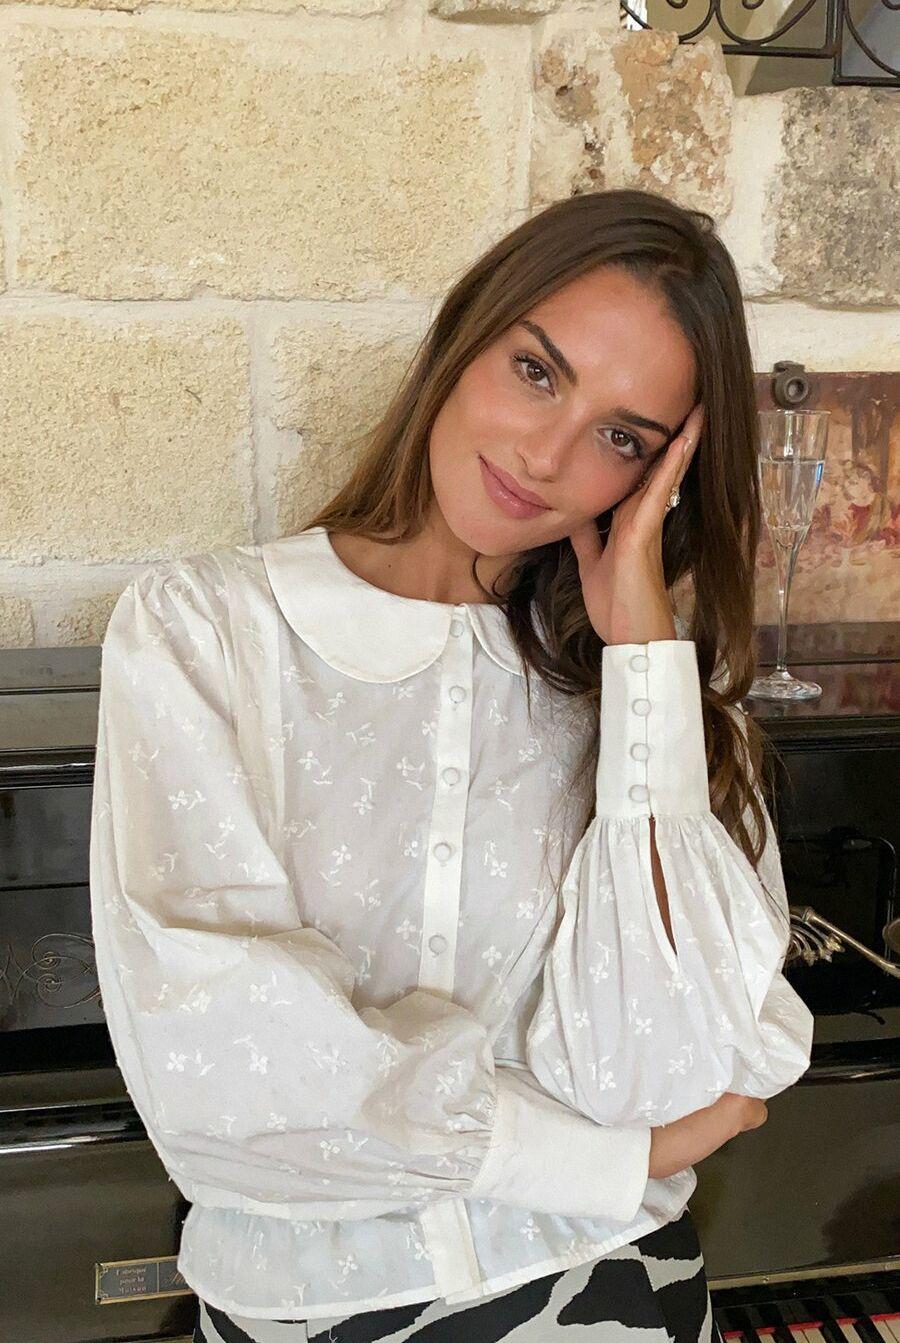 Sur Instagram, les filles de la mode, comme ici Gabrielle Caunesil, arborent avec goût et personnalité ce détail intemporel.